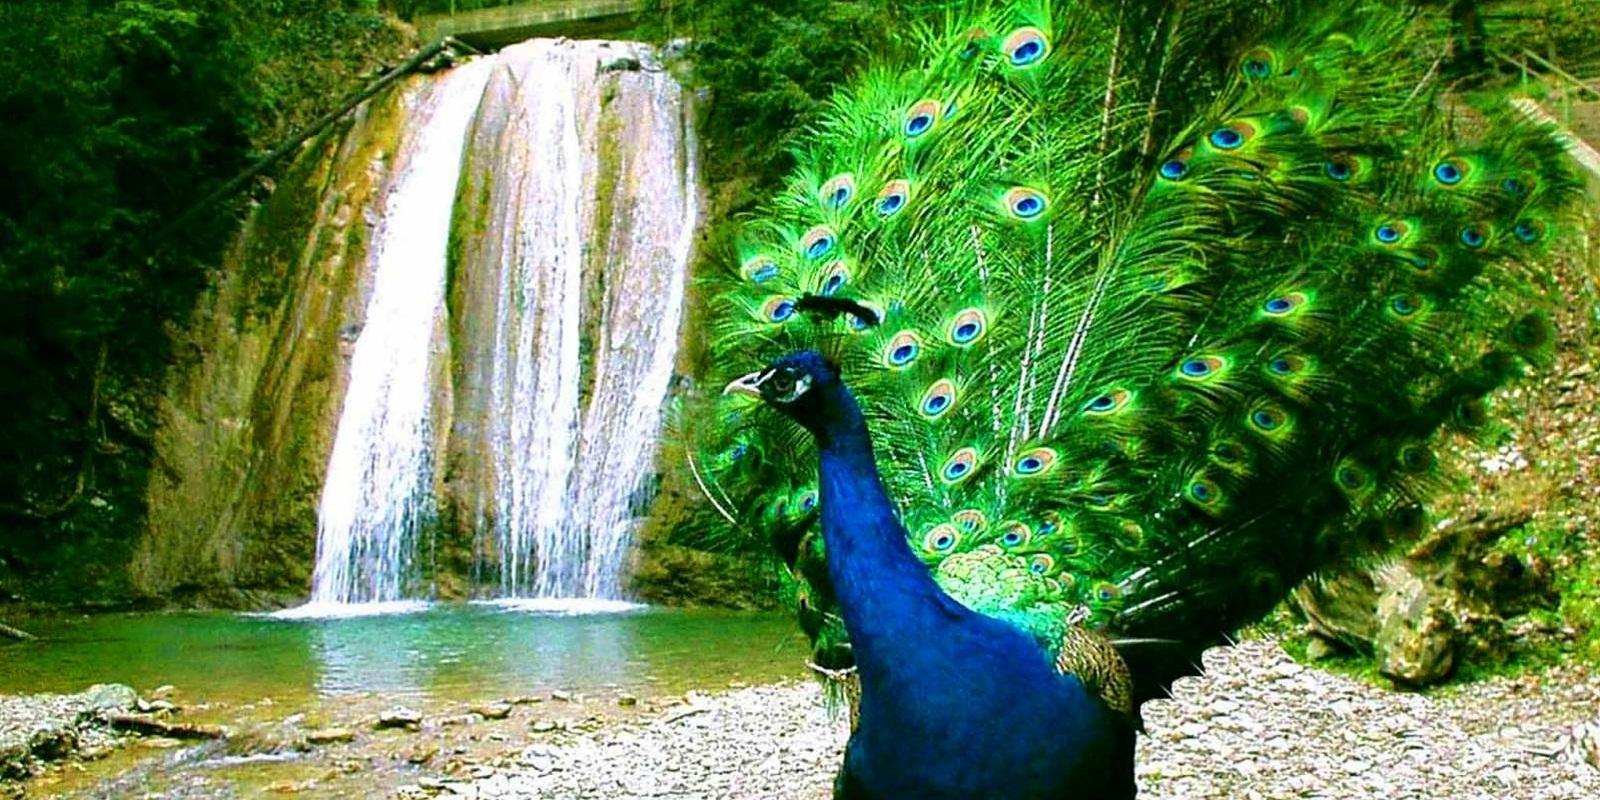 ЗЗ водопада павлин